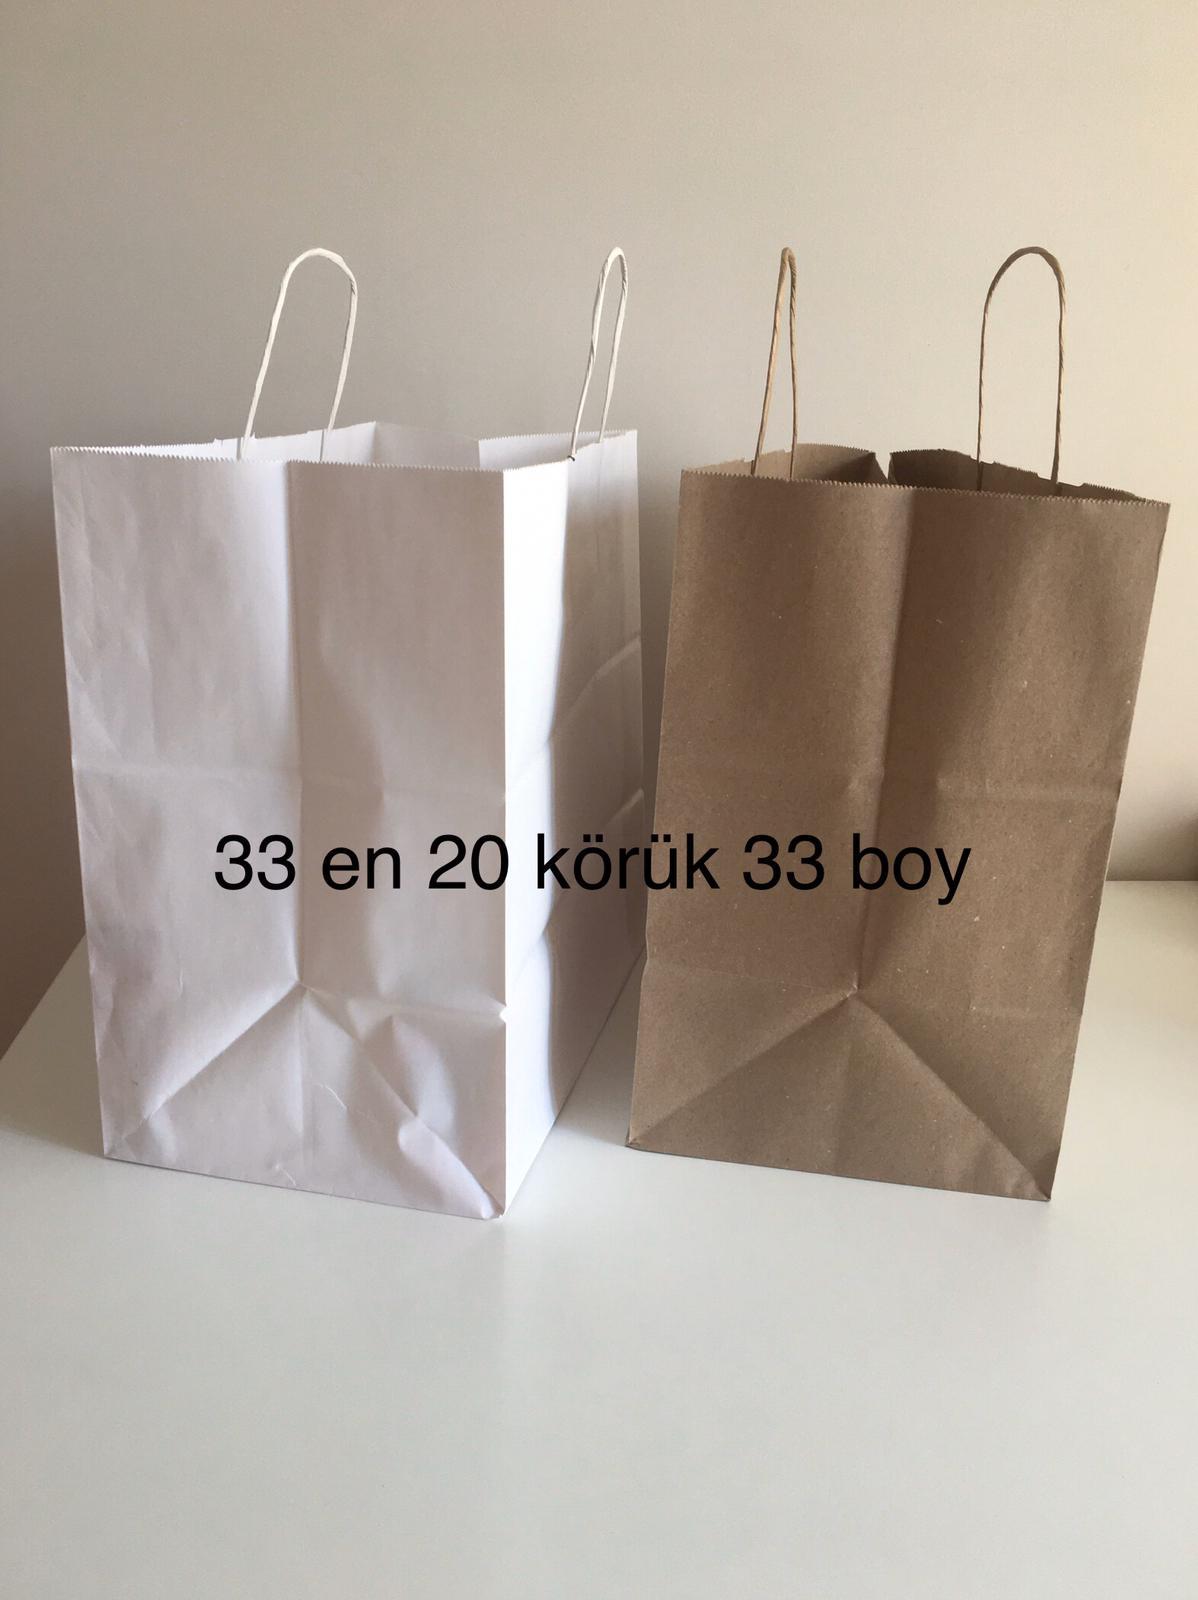 bcaa3ea9-3dd5-49fb-9654-40b867b12155-5